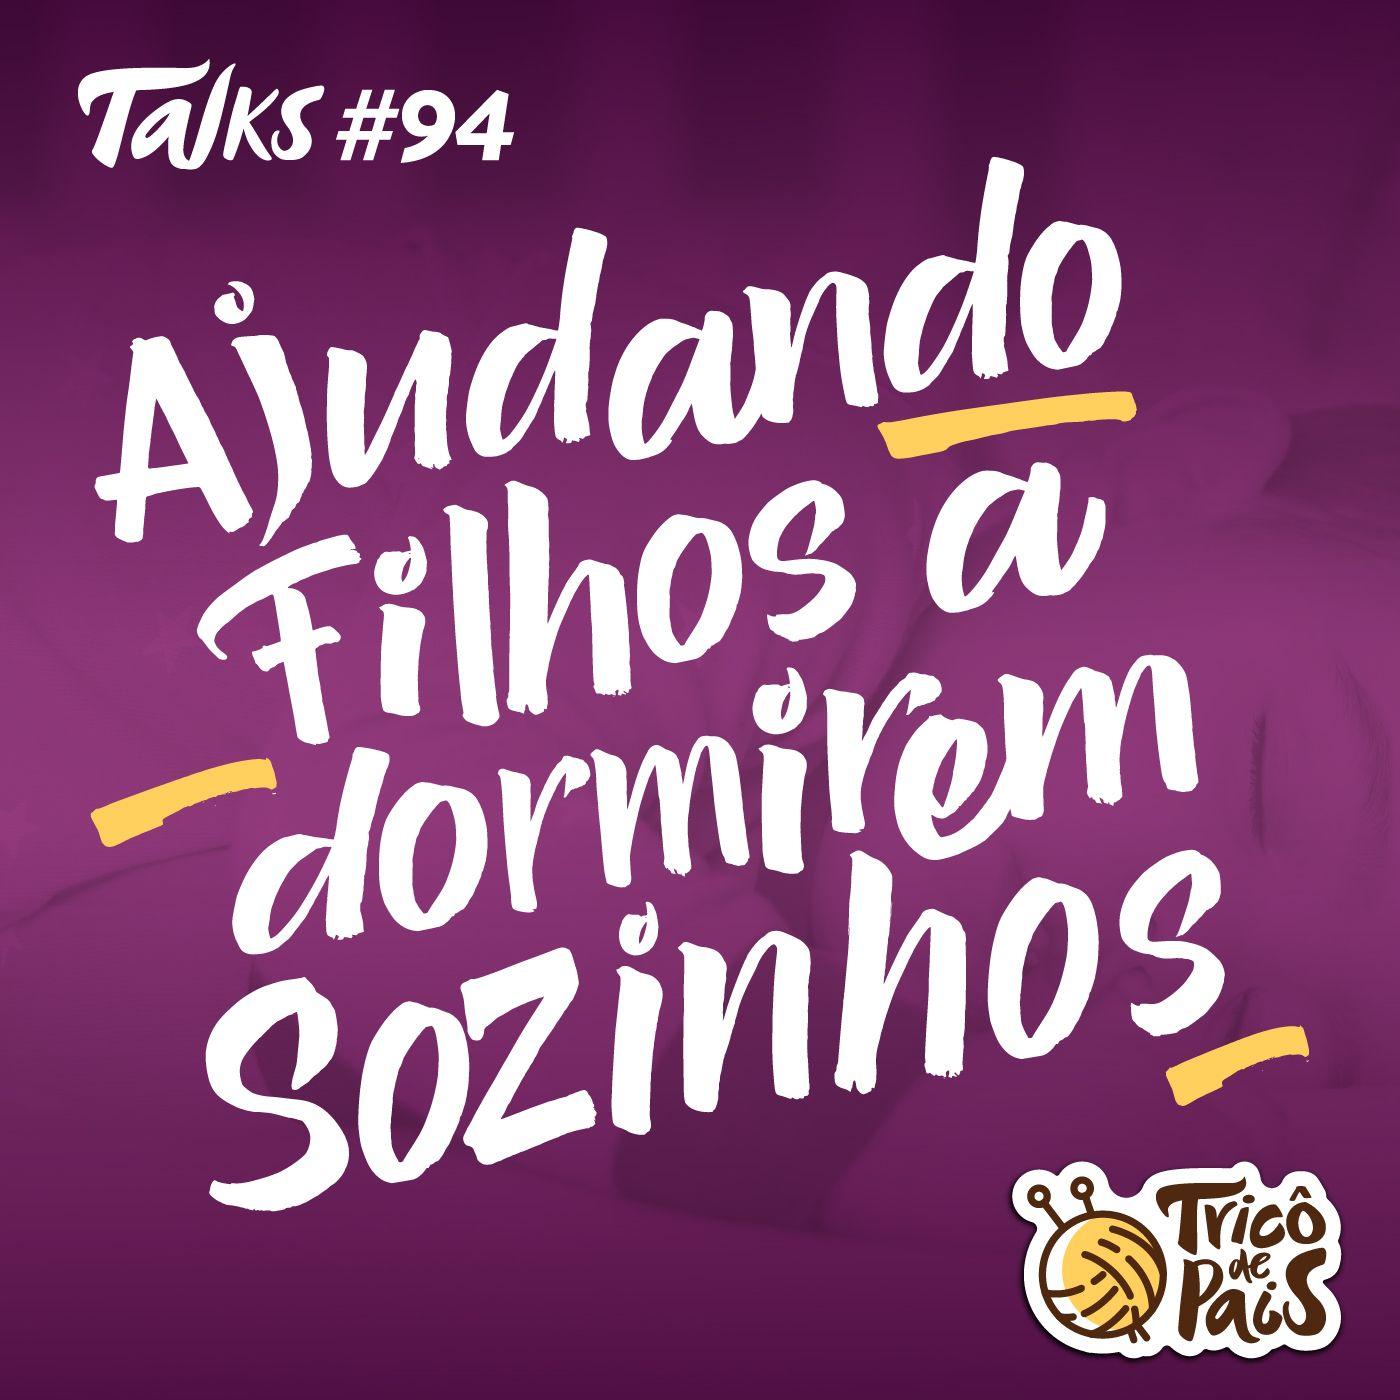 Tricô Talks 094 - Ajudando Filhos a Dormirem Sozinhos